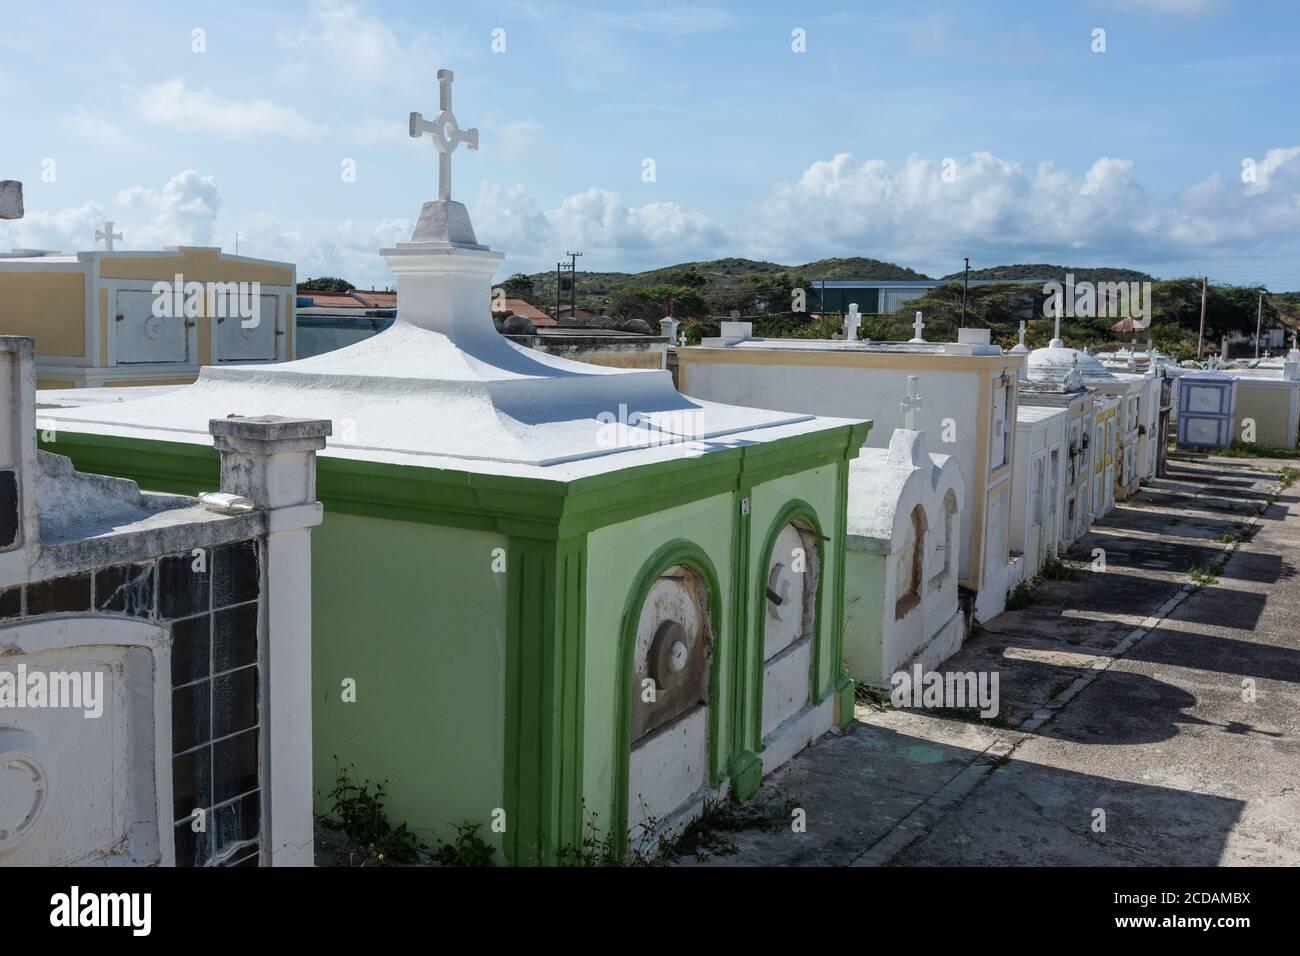 Le cimetière de l'église catholique Saint-Joseph, une église paroissiale de la ville de Barber sur l'île des Caraïbes de Curaçao aux Antilles néerlandaises. Banque D'Images